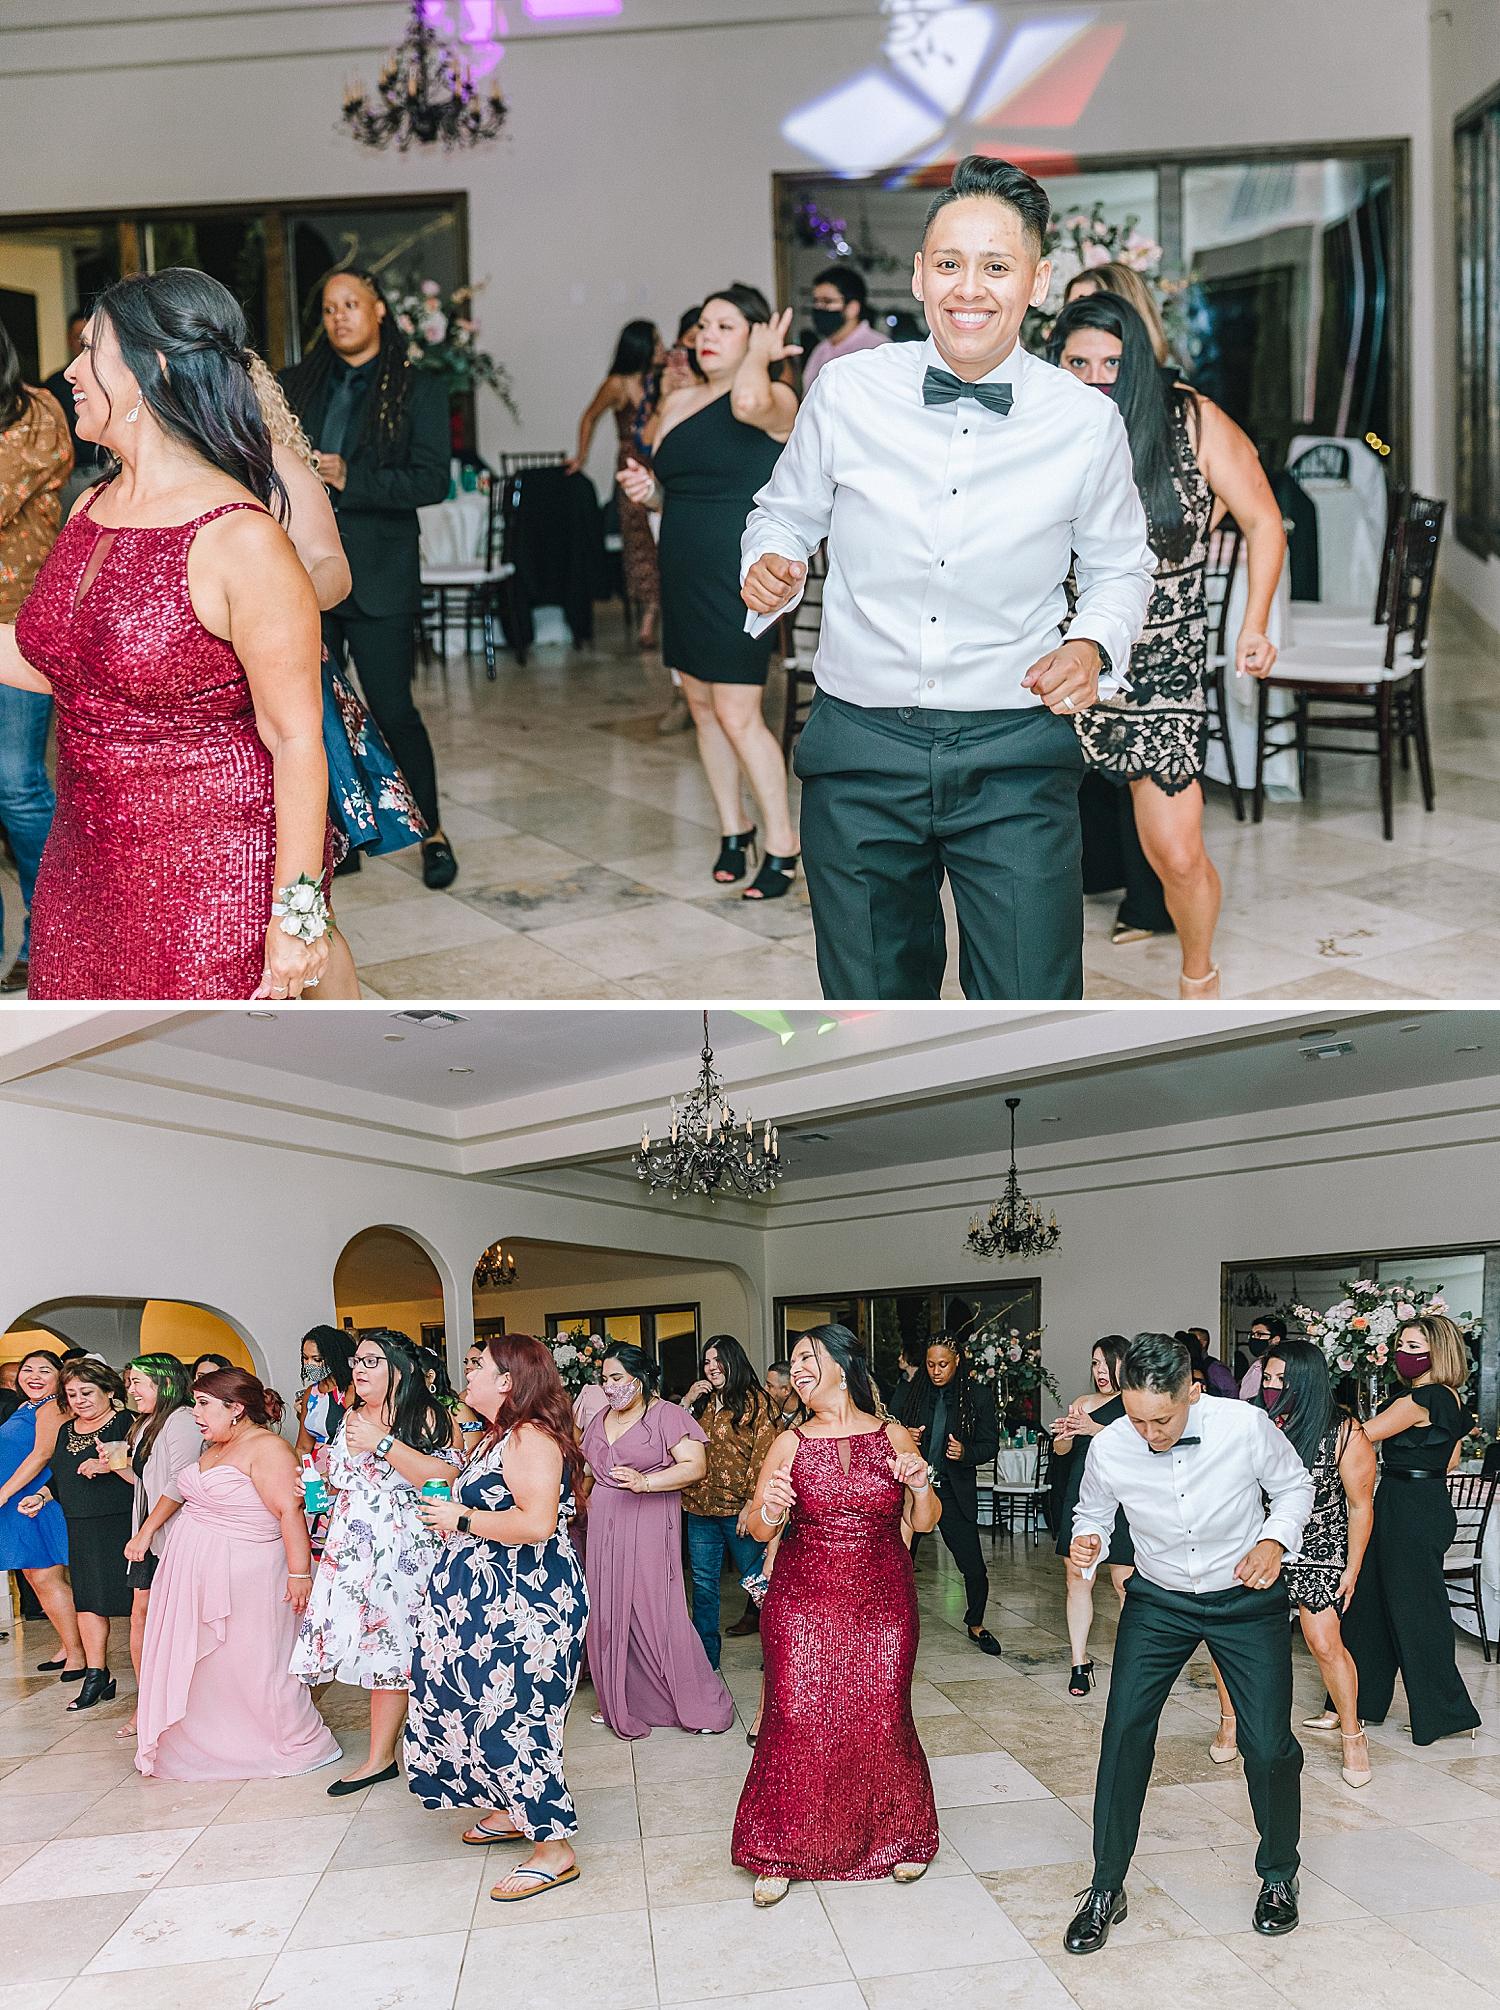 Carly-Barton-Photography-The-Villa-at-Cielo-Vista-Blush-Gold-White-Wedding-Photos_0033.jpg